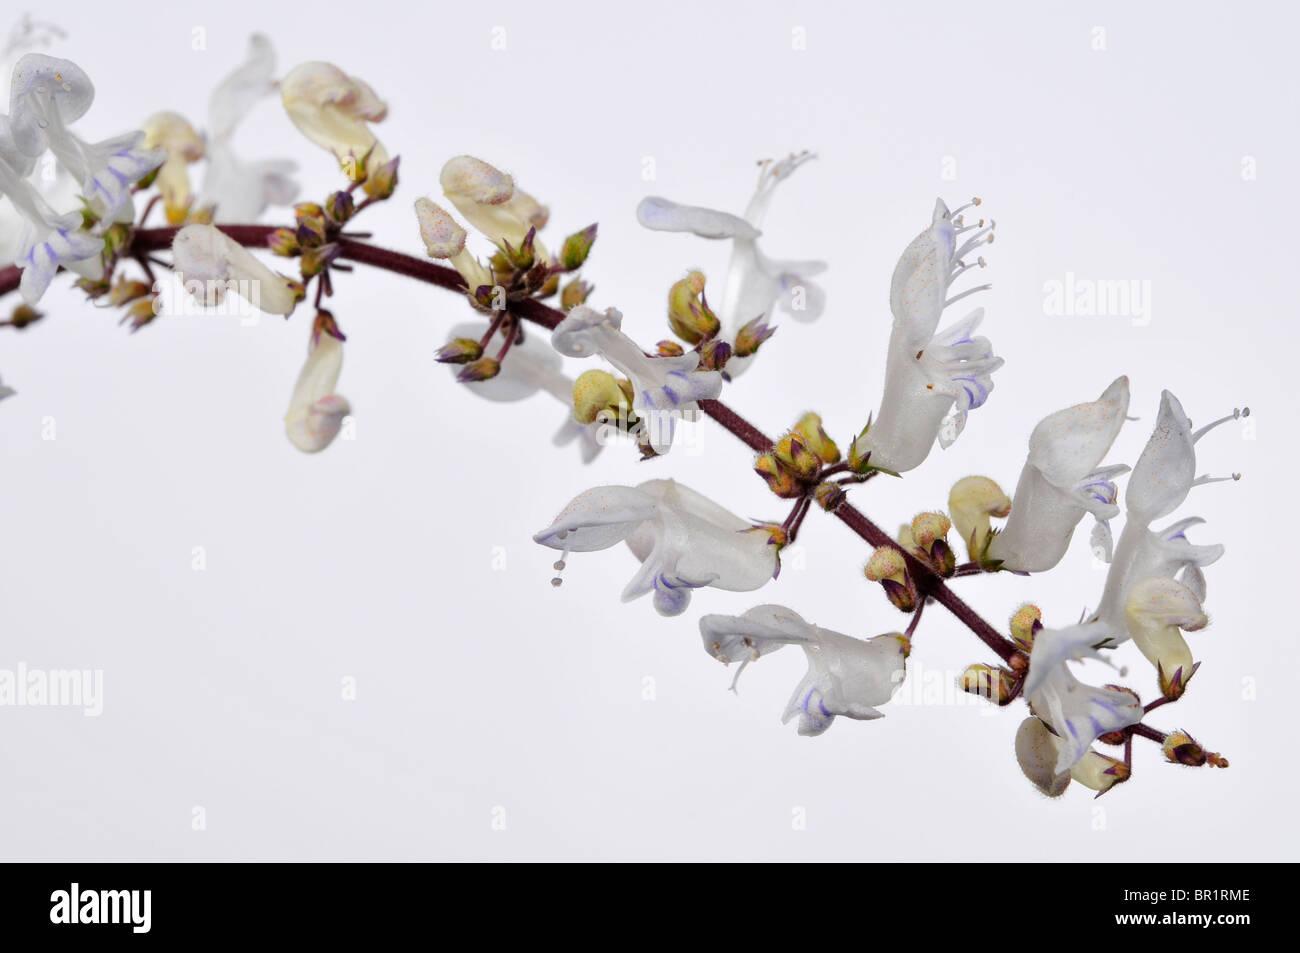 Plectranthus argentatus (Silver Plectranthus), Flower. Stock Photo